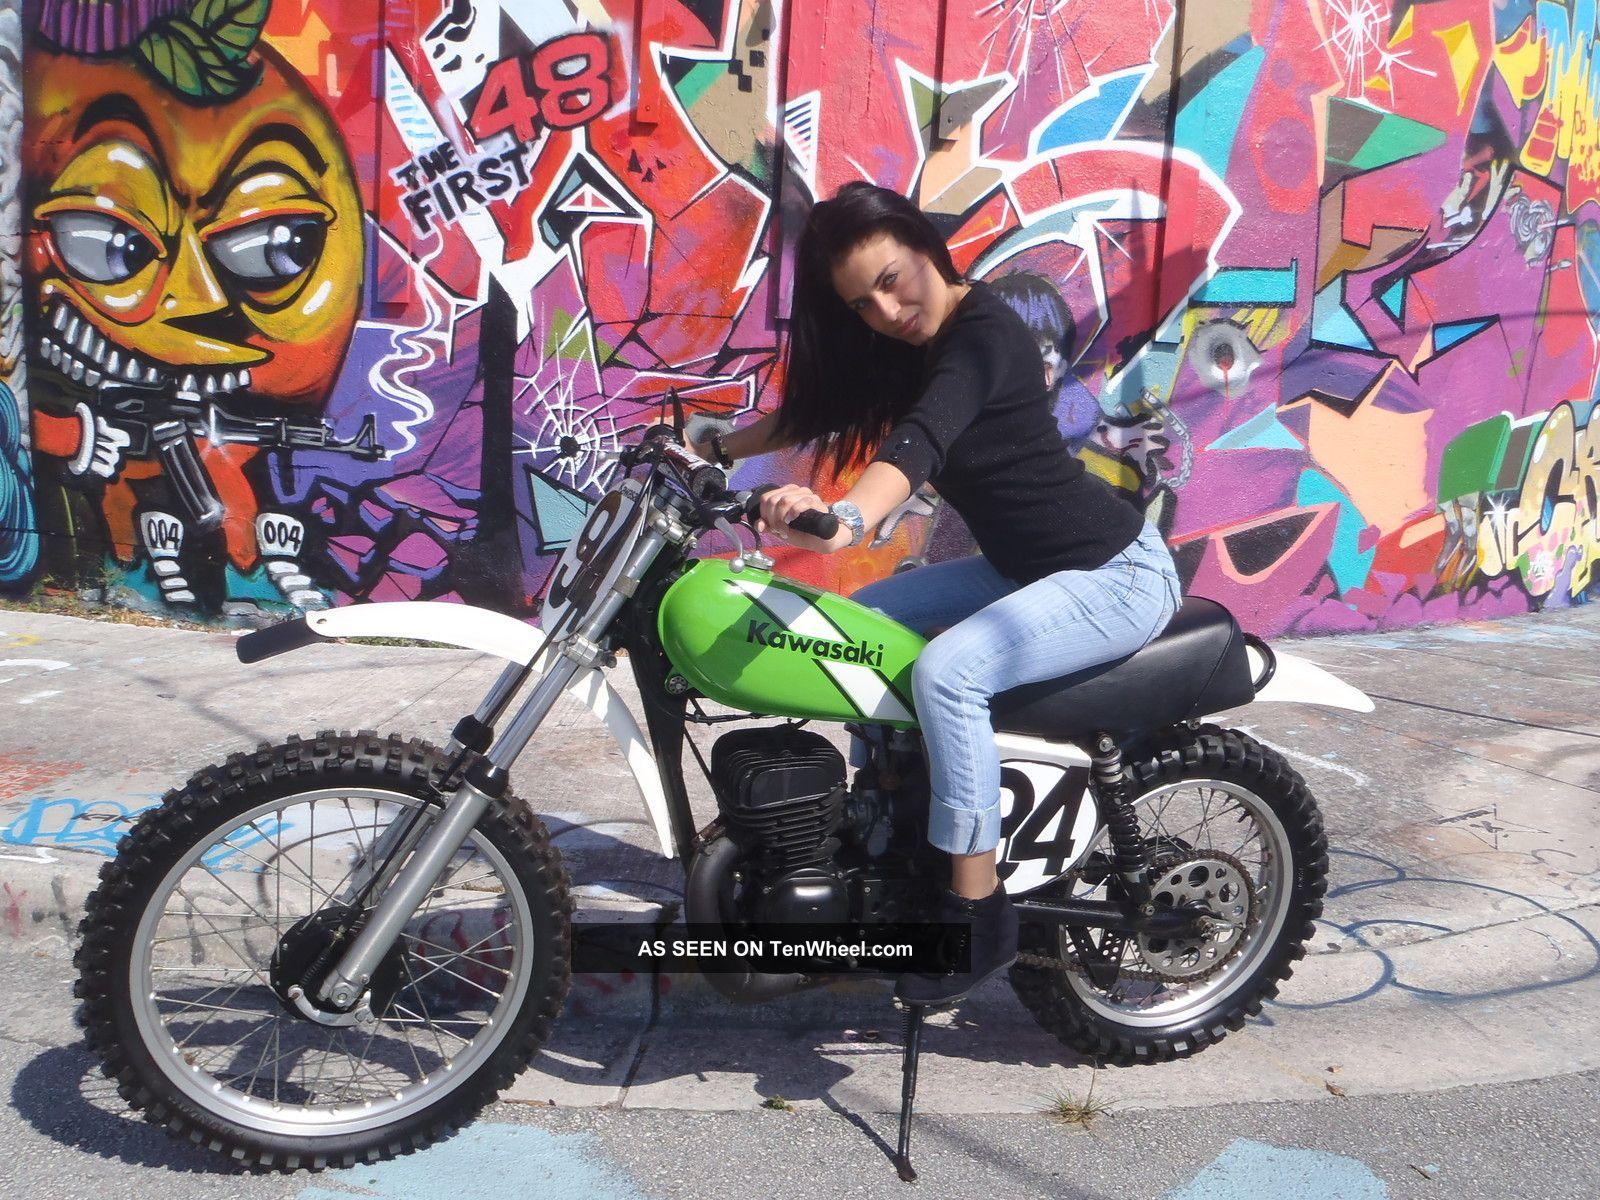 1976 Kawasaki Kx250 Motorcycle